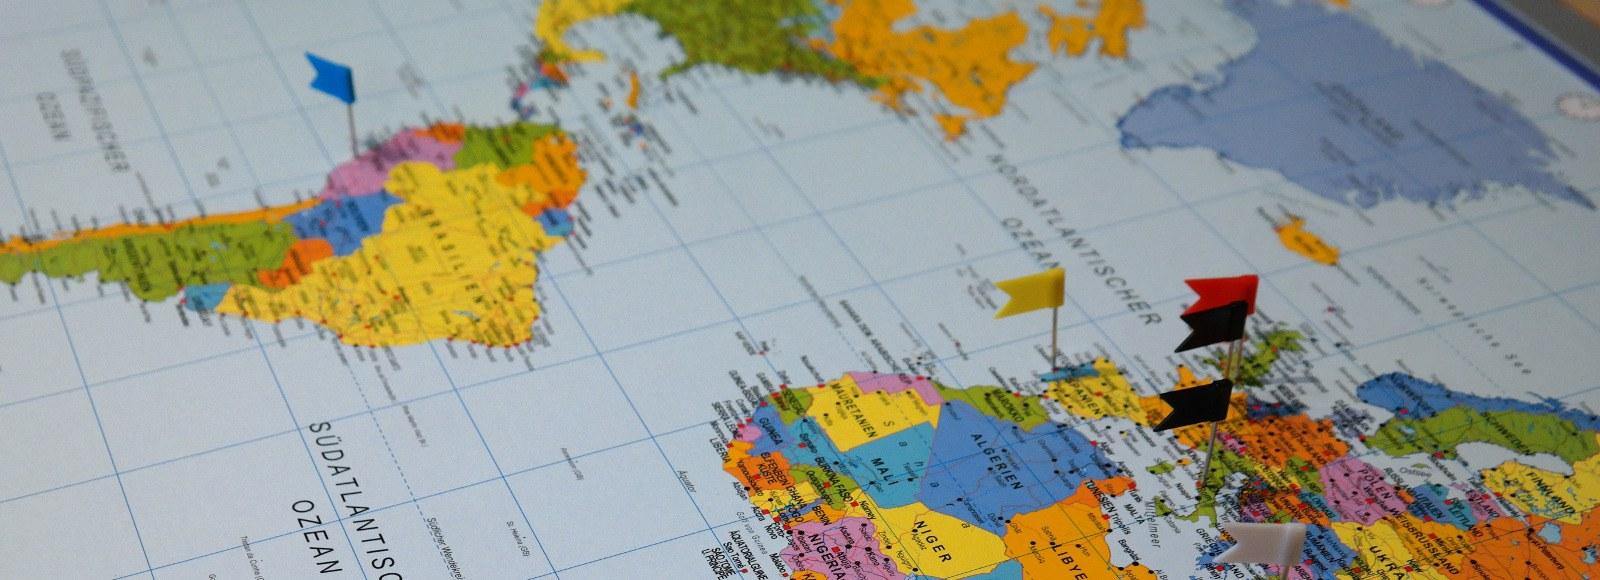 odwrócona osmoza obecna na całym świecie